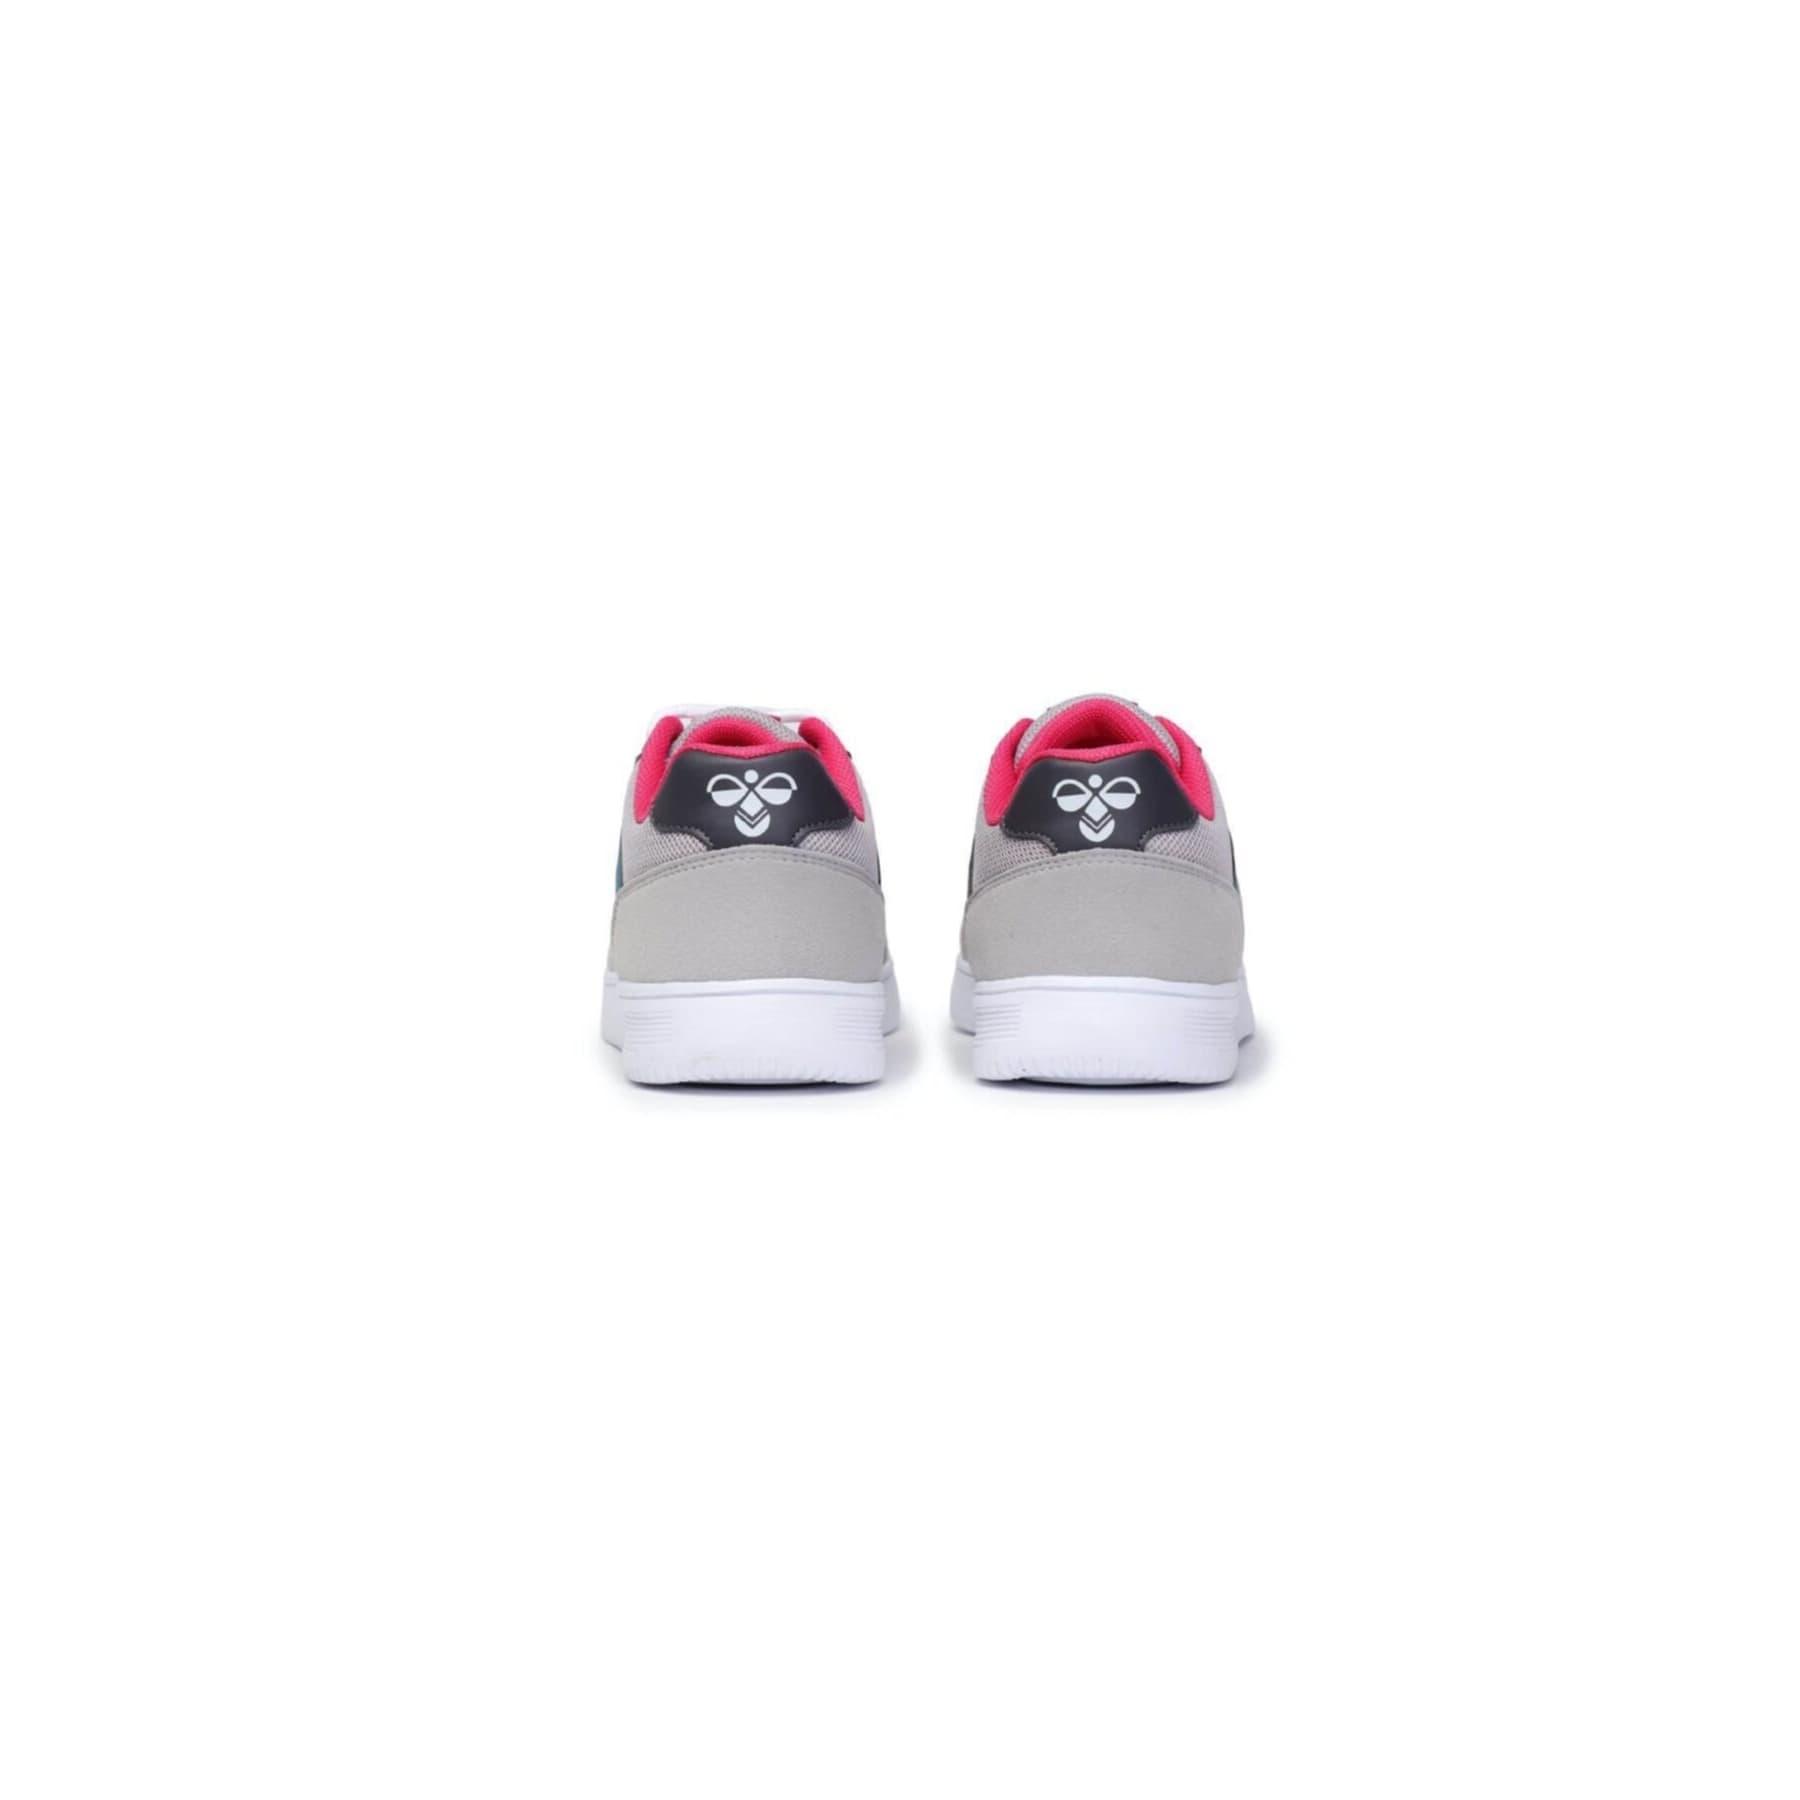 Access Kadın Gri Spor Ayakkabı (212509-1161)